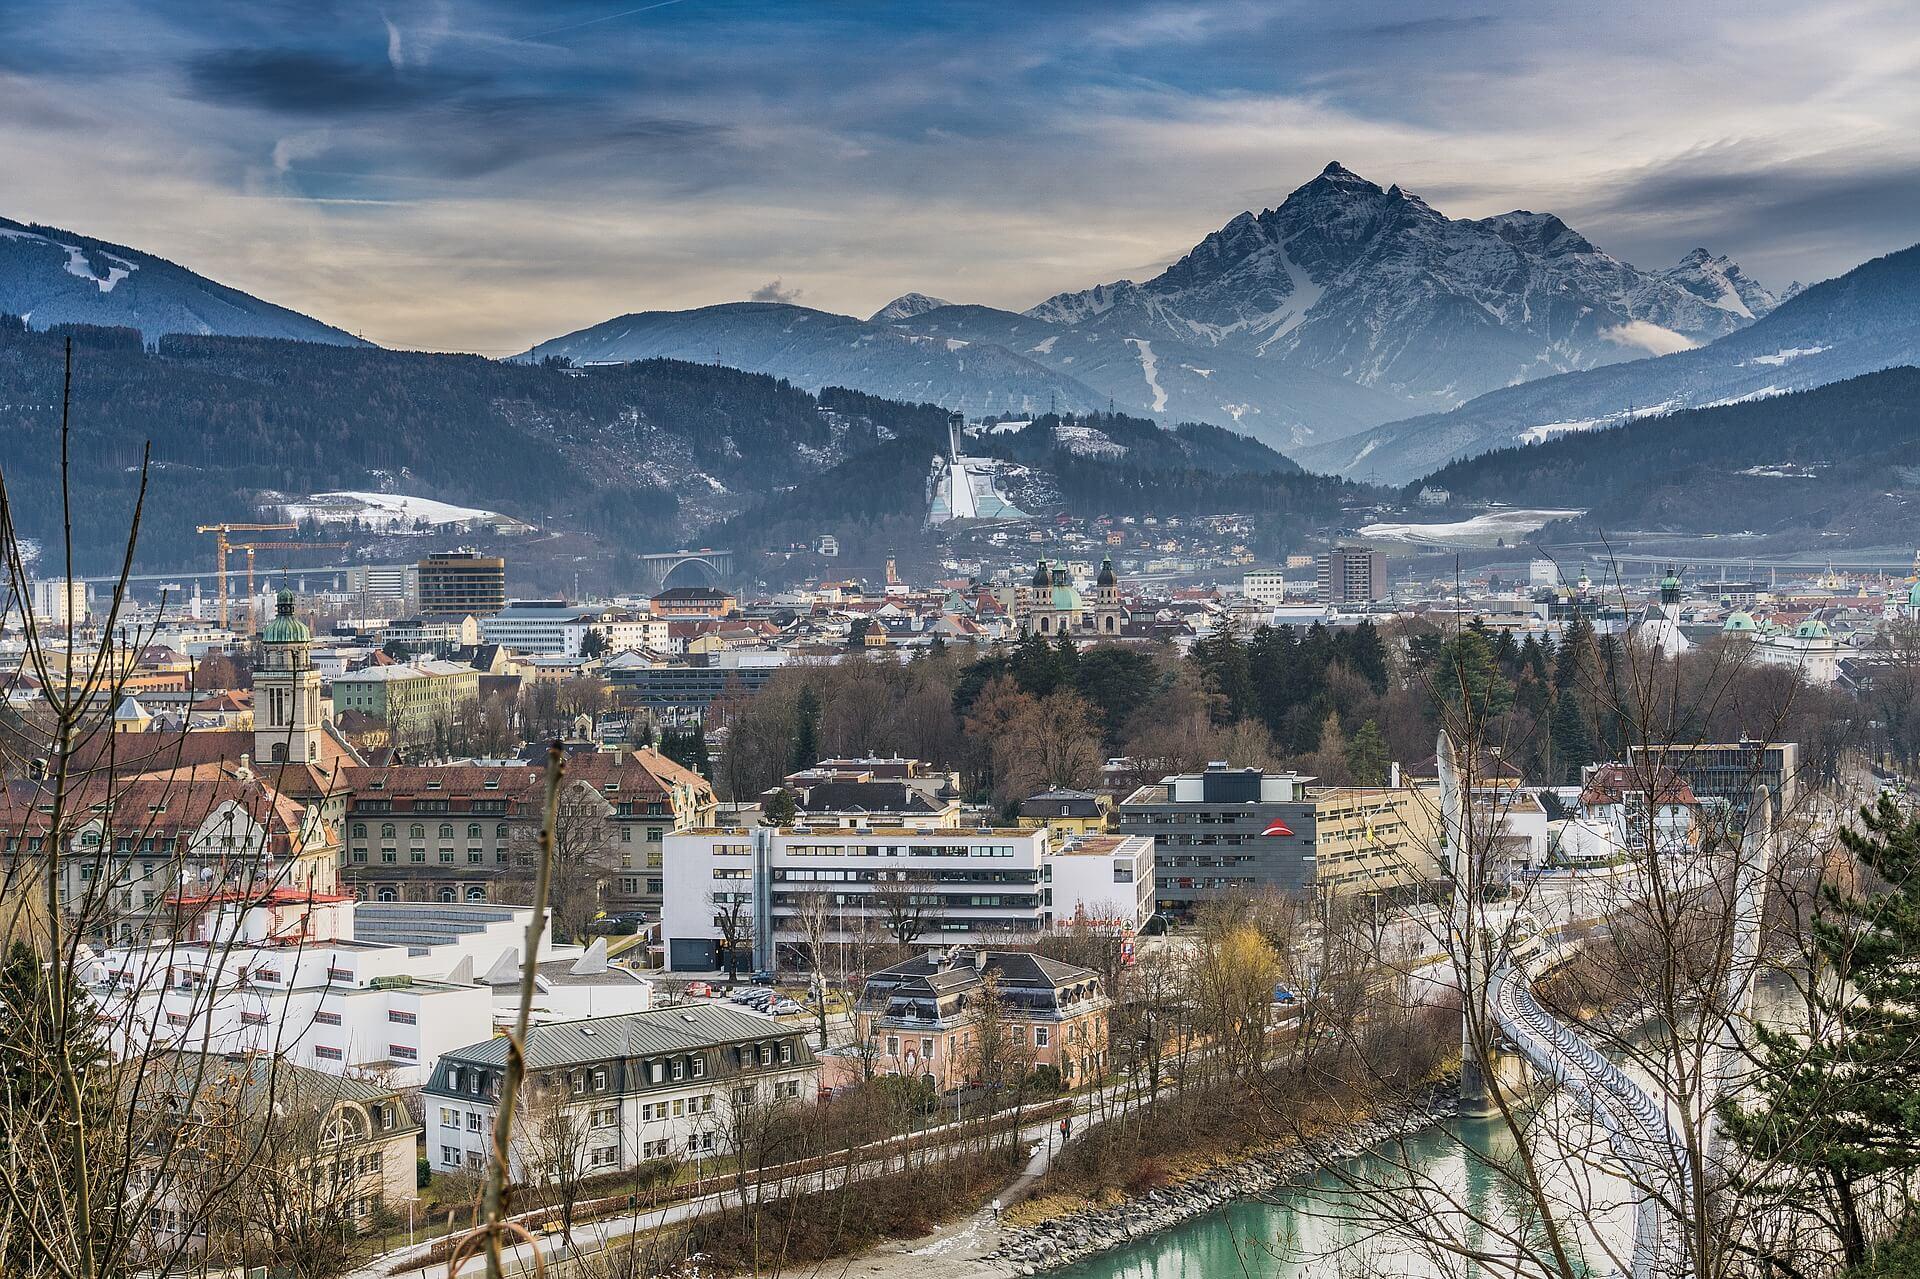 Direktflüge und Billigflüge ab Wien nach Innsbruck